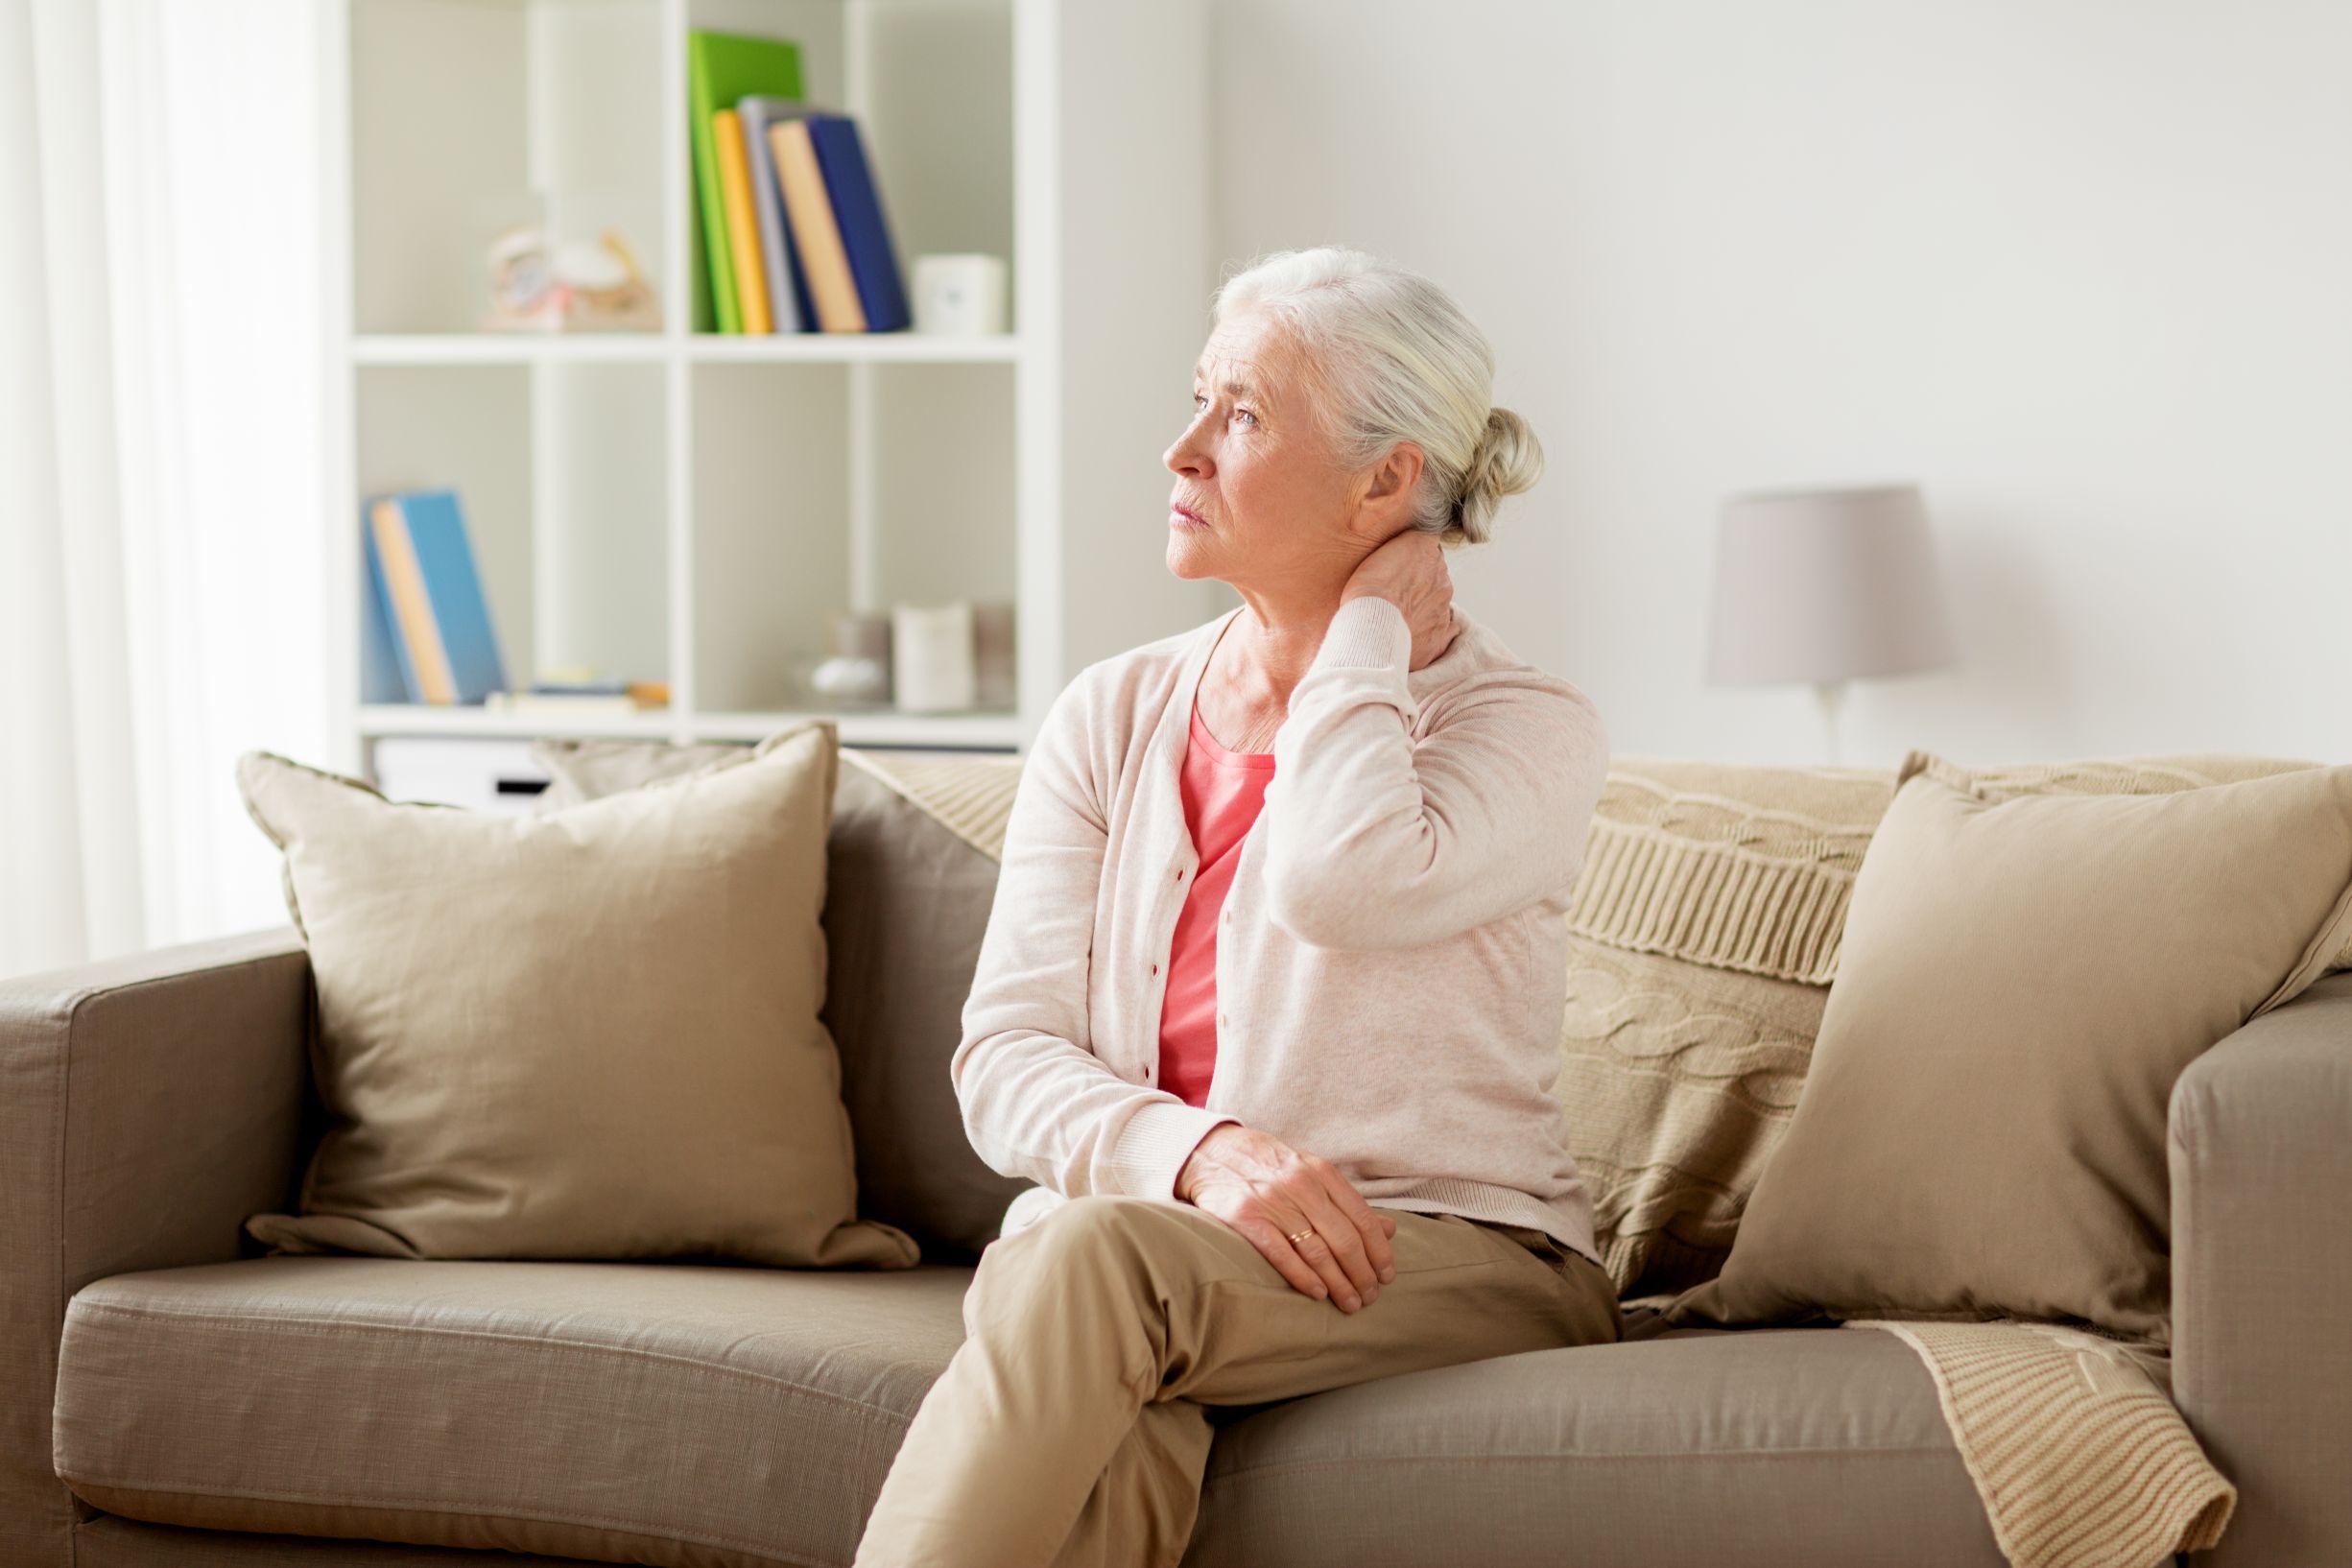 Senior woman with  fibromyalgia